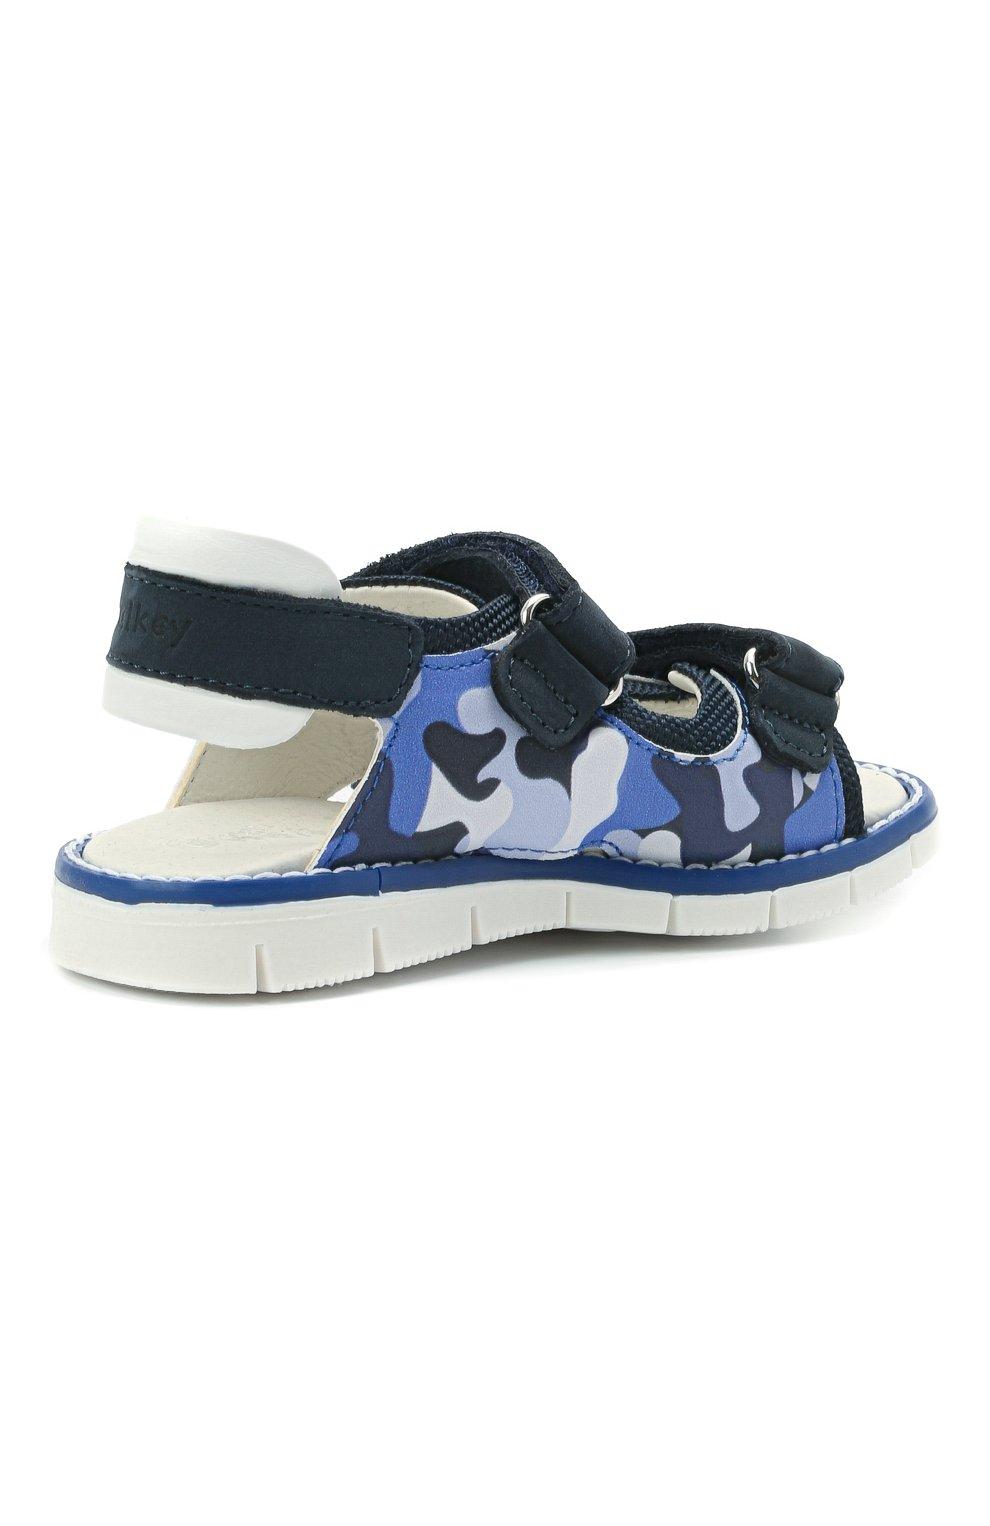 Детские сандалии WALKEY синего цвета, арт. Y1B2-41313-1209/19-24 | Фото 3 (Материал внешний: Экокожа, Текстиль; Материал внутренний: Натуральная кожа)